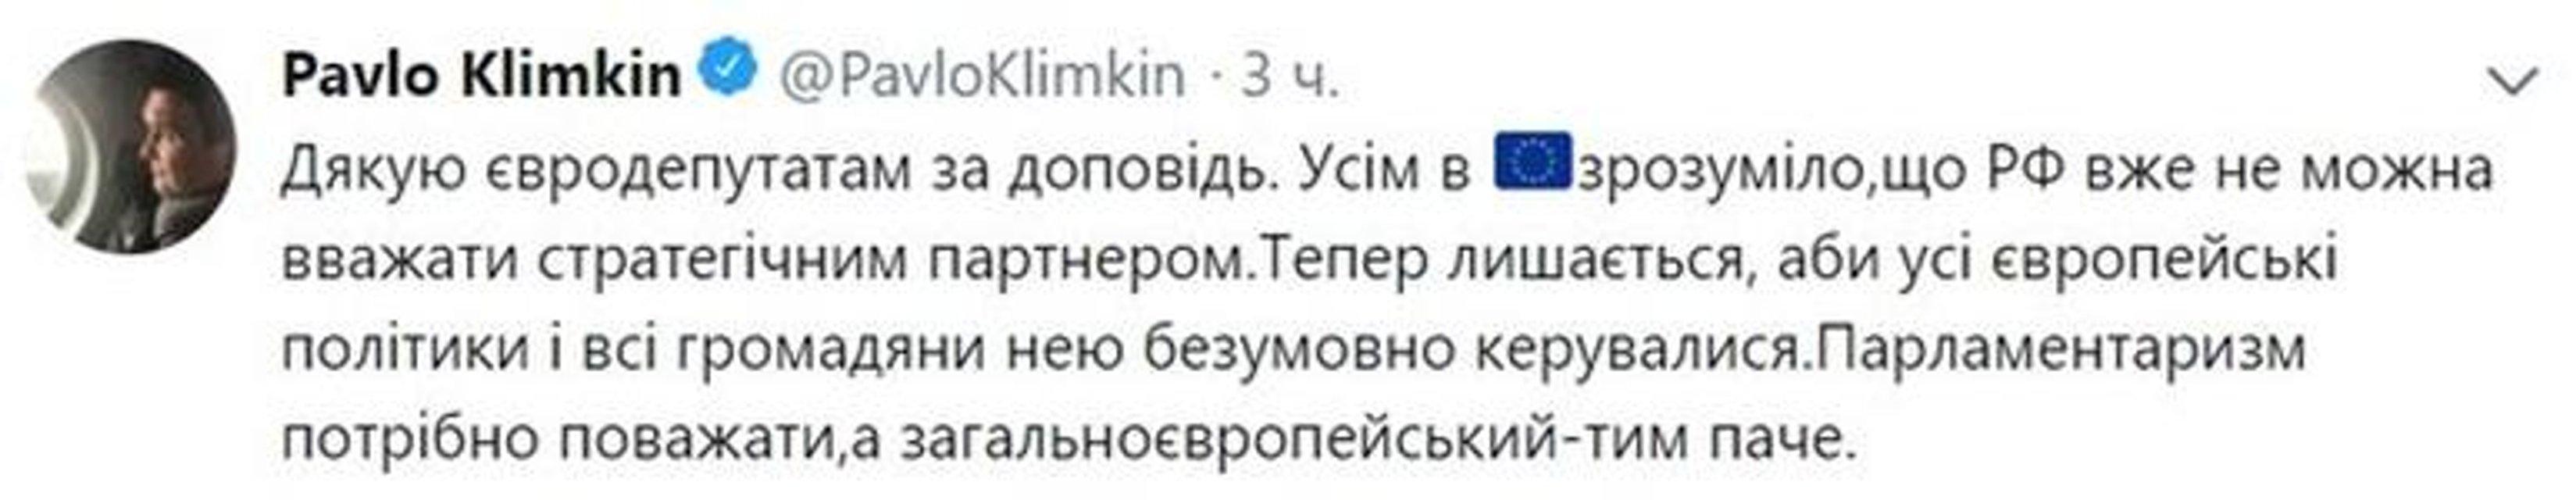 Европарламент отменил стратегическое партнёрство с Россией - фото 175823